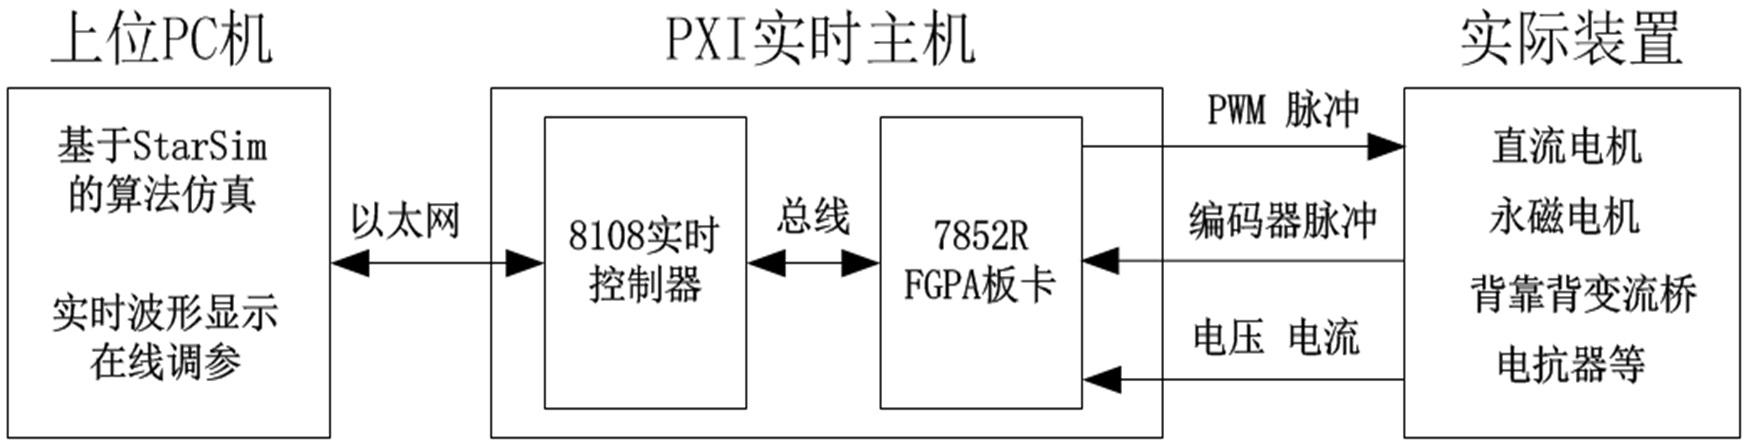 在利用LabVIEW+StarSim验证好永磁直驱风机的控制算法后,就可以将算法下载到PXI中实时运行。下图是PXI控制器将系统控制起来后,某次实验时的电机Iq变化曲线,以及系统在80秒(475RPM)和270秒(660RPM)时的定子电流细节波形图,可以看到电流波形的幅值和对应时刻的Iq数值基本相同,验证了控制系统将电机定子电流全部定向于q轴上(Id=0)的控制目标,实现同样幅值电流时最大电磁转矩运行。